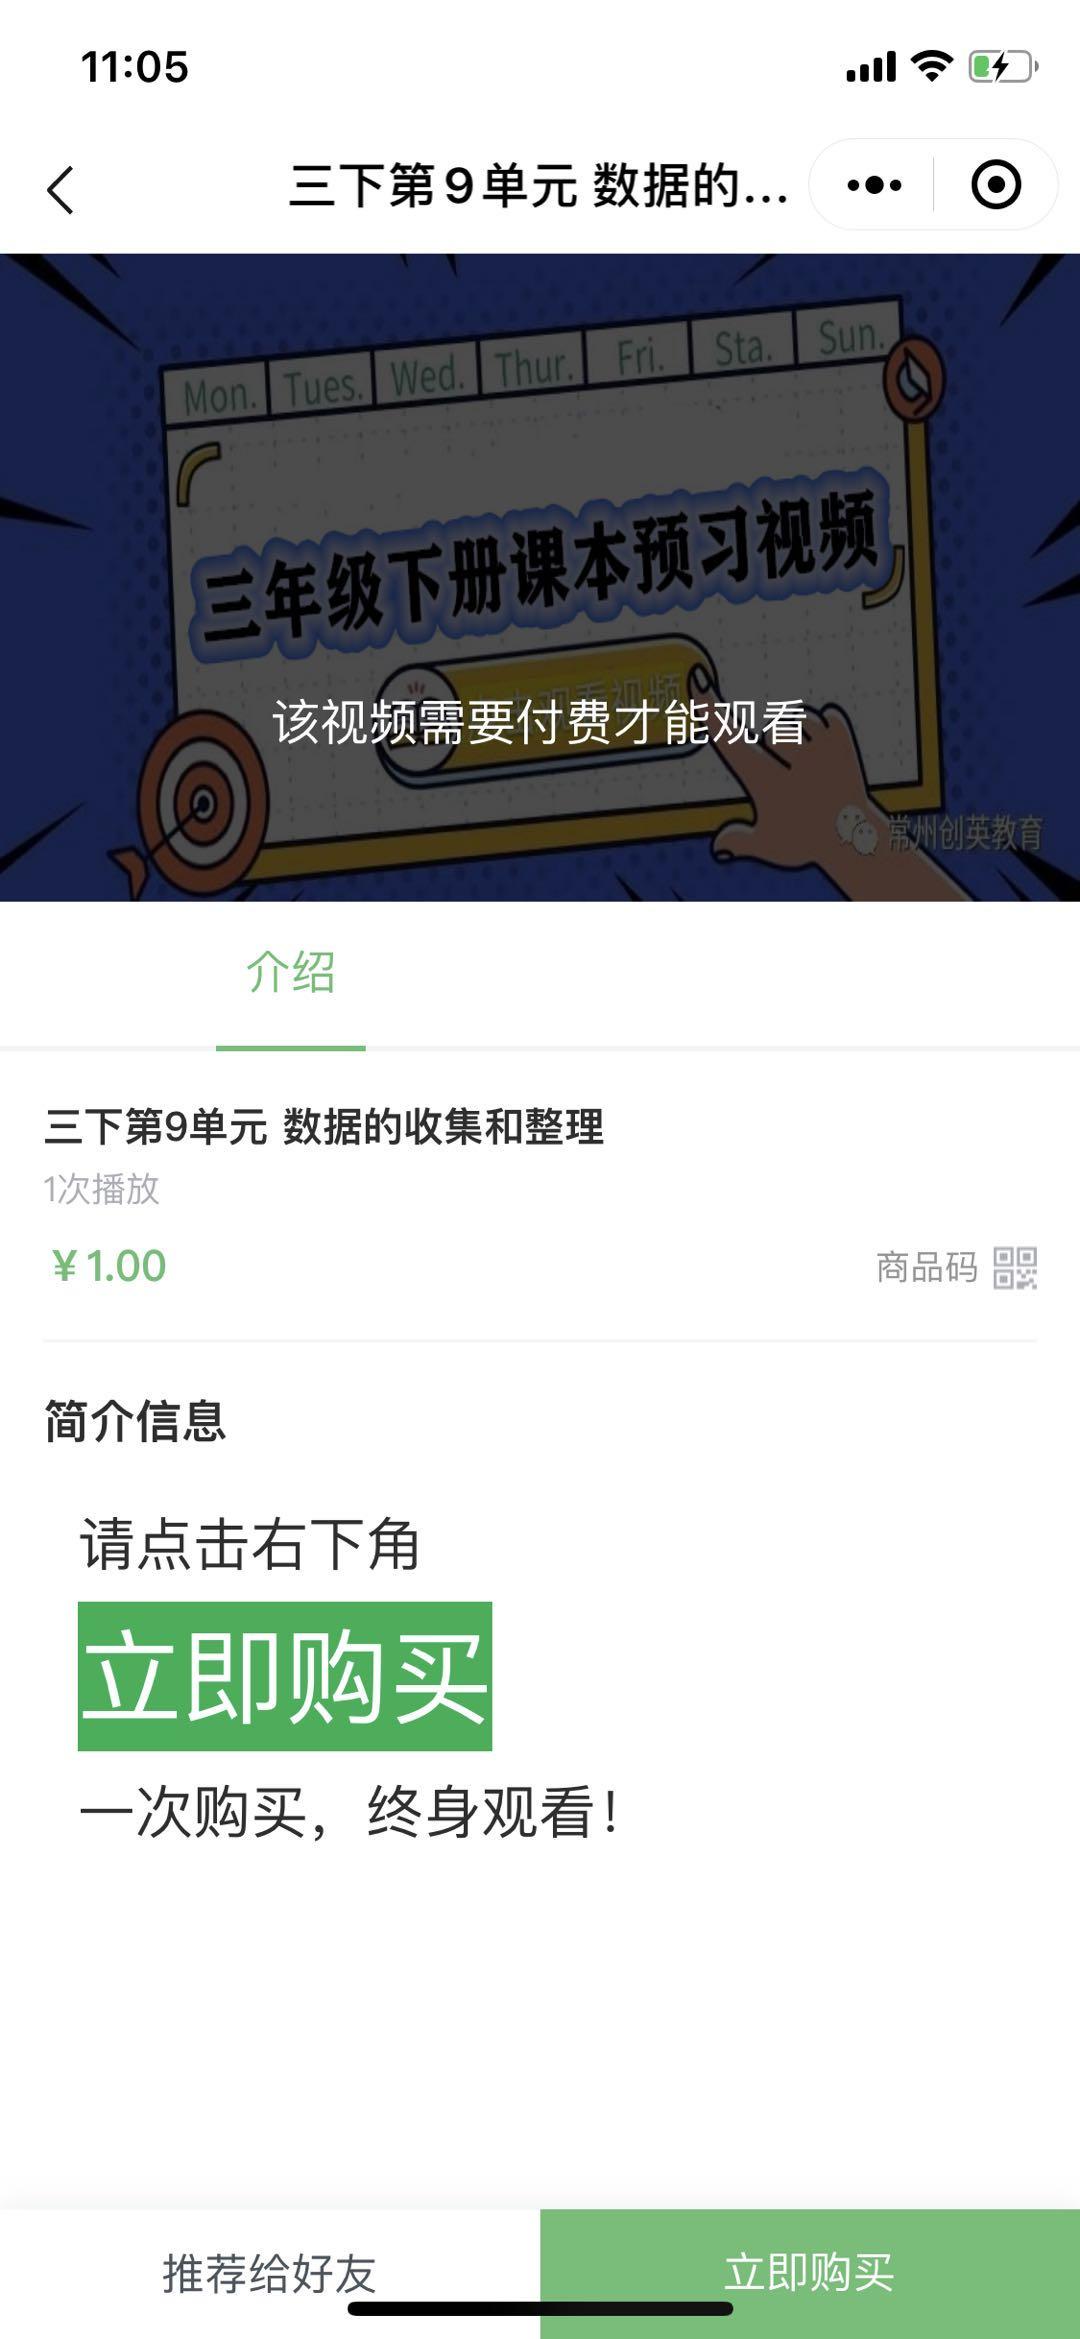 微信王老师数学微课小程序效果图预览